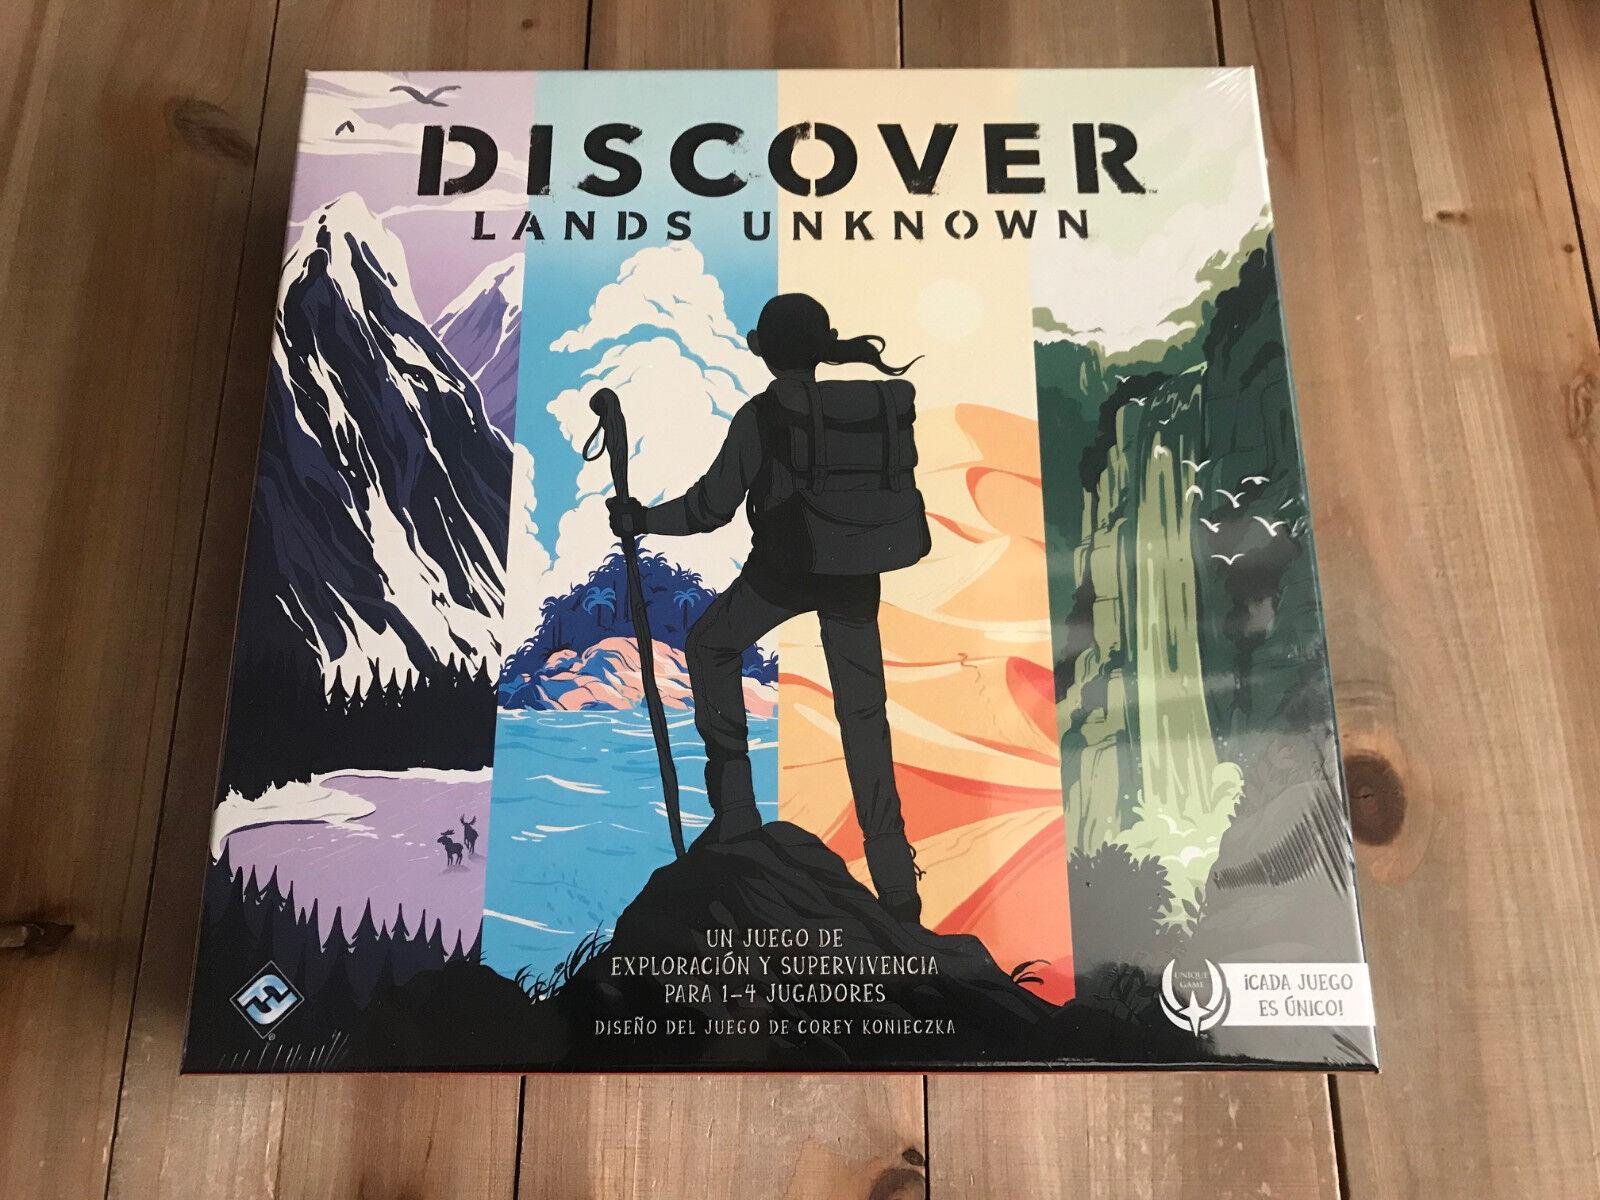 Set tabelle entdecken unbekannten landen - fantasy flight games - pro spiel